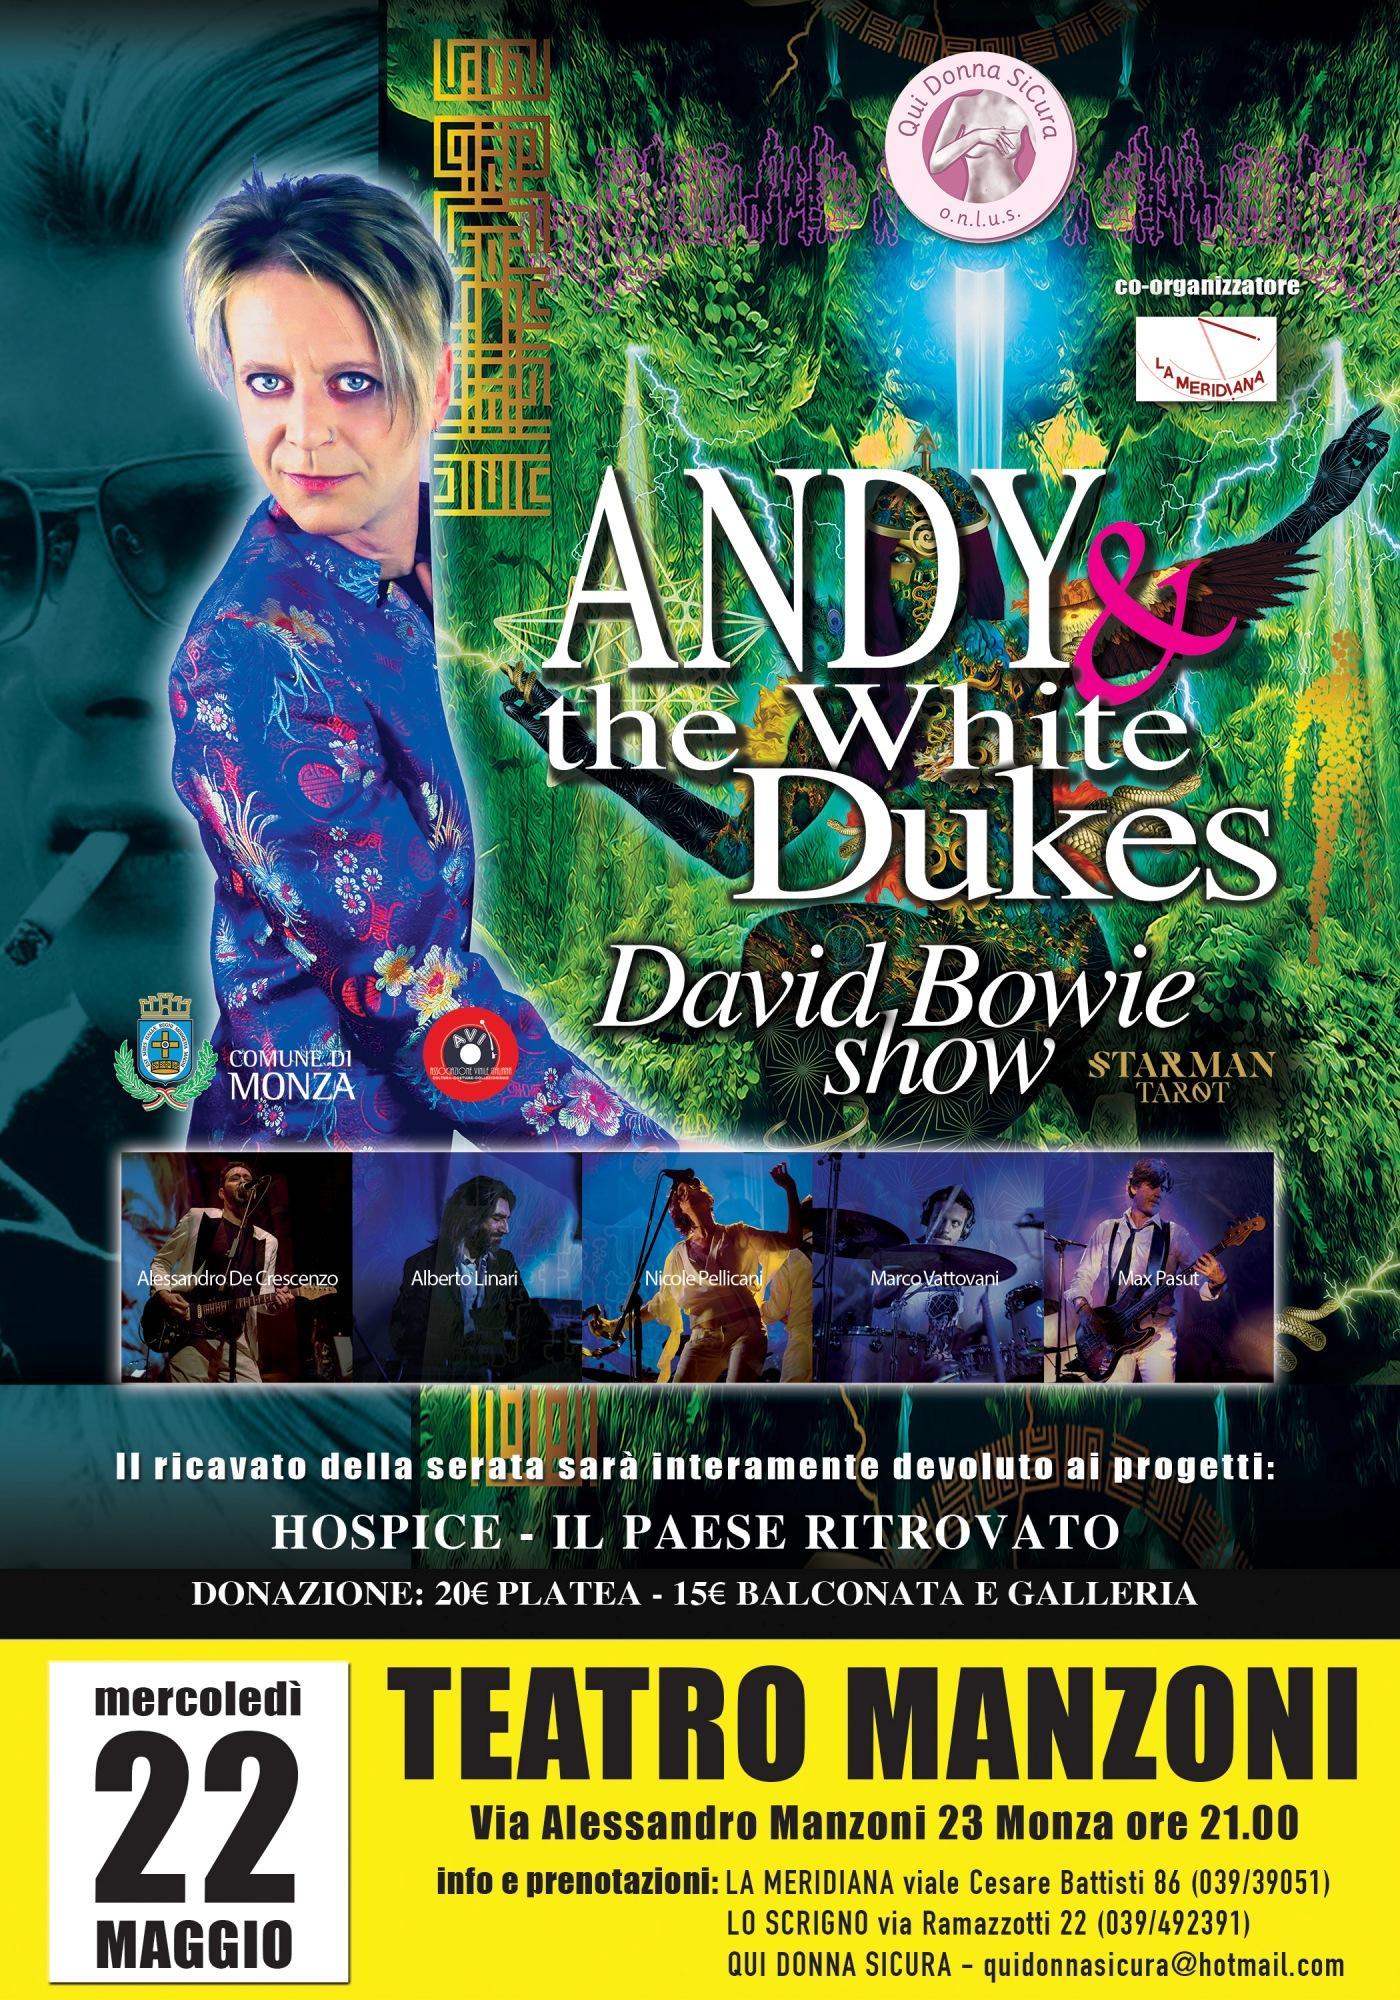 Serata di beneficenza con un tributo a Bowie di Andy dei Bluvertigo